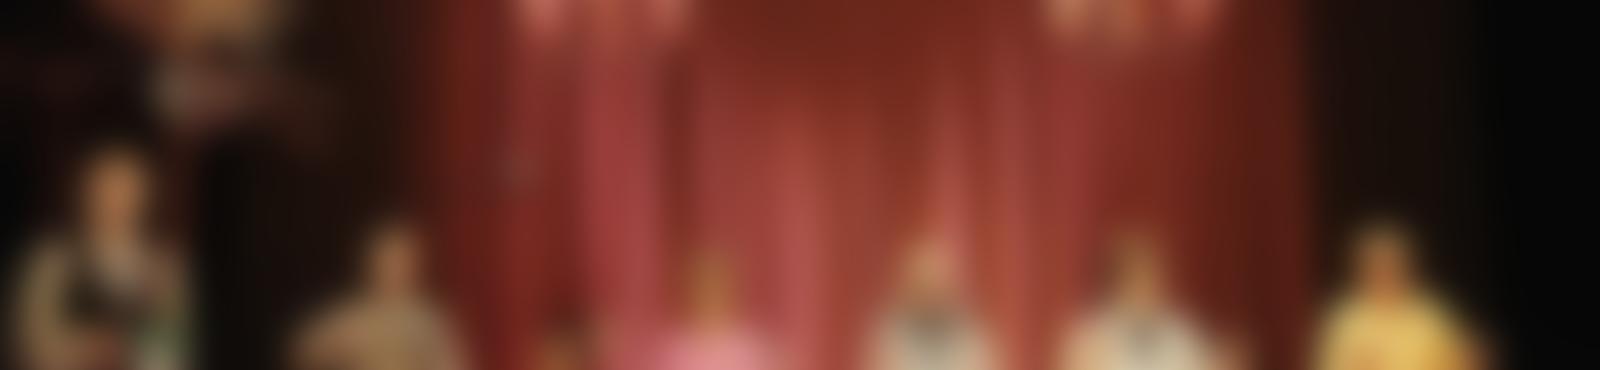 Blurred 53315751 279c 4acf 9169 8dc0fec9b4ec